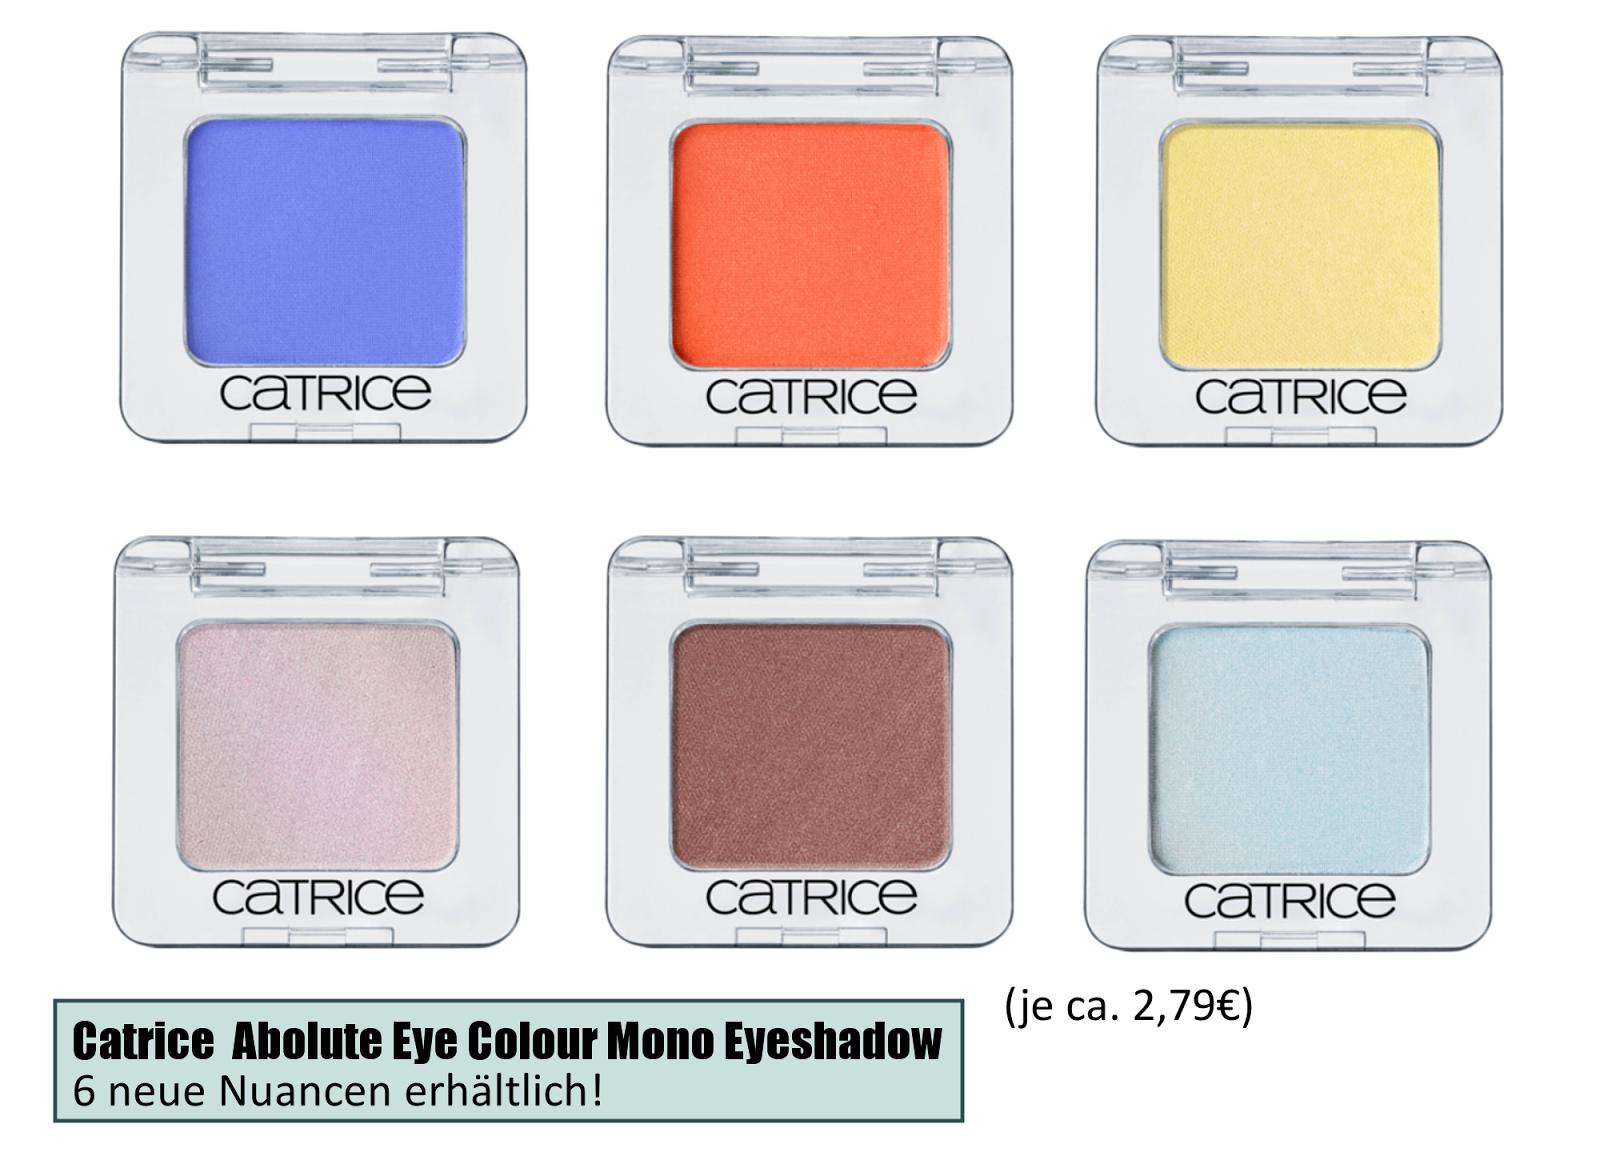 Catrice Sortimentsumstellung Frühling/ Sommer 2014 - Neuheiten Augenprodukte